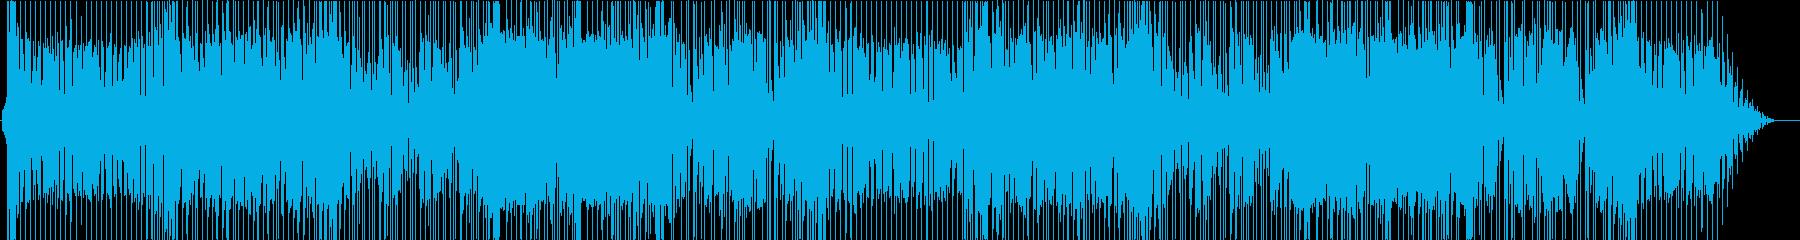 ループ可ヘヴィなハードロックの再生済みの波形